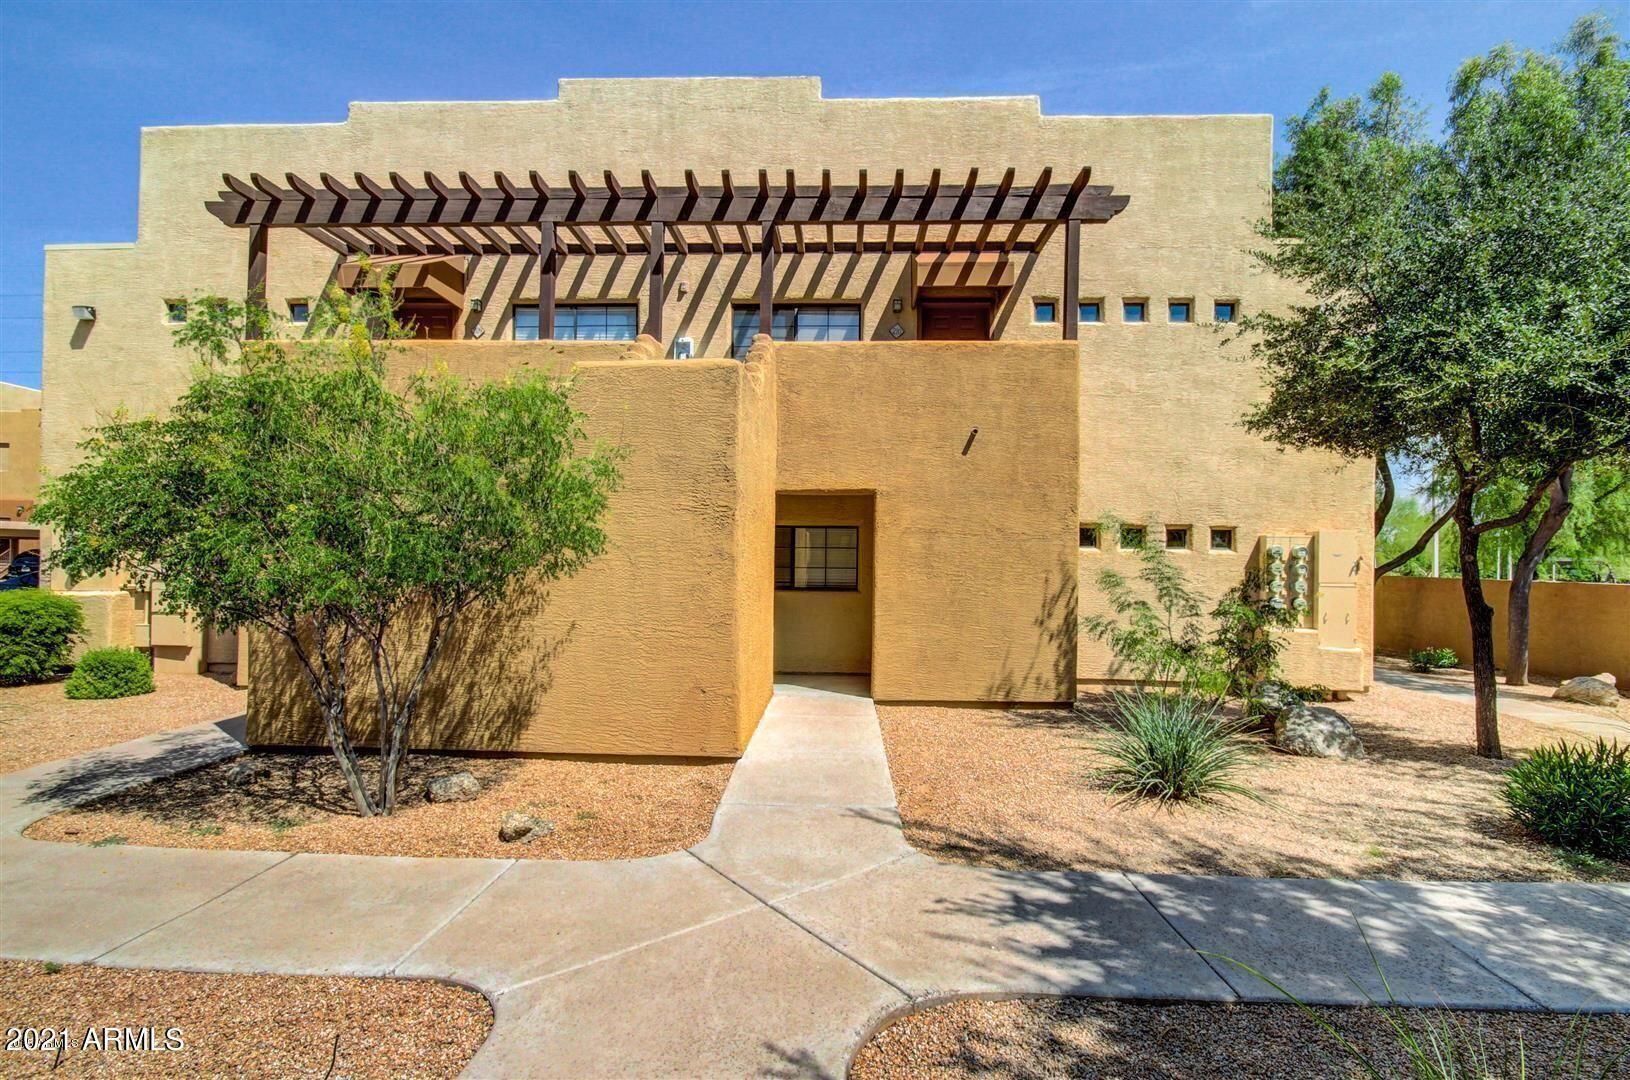 3434 E BASELINE Road #210, Phoenix, AZ 85042 - MLS#: 6248278